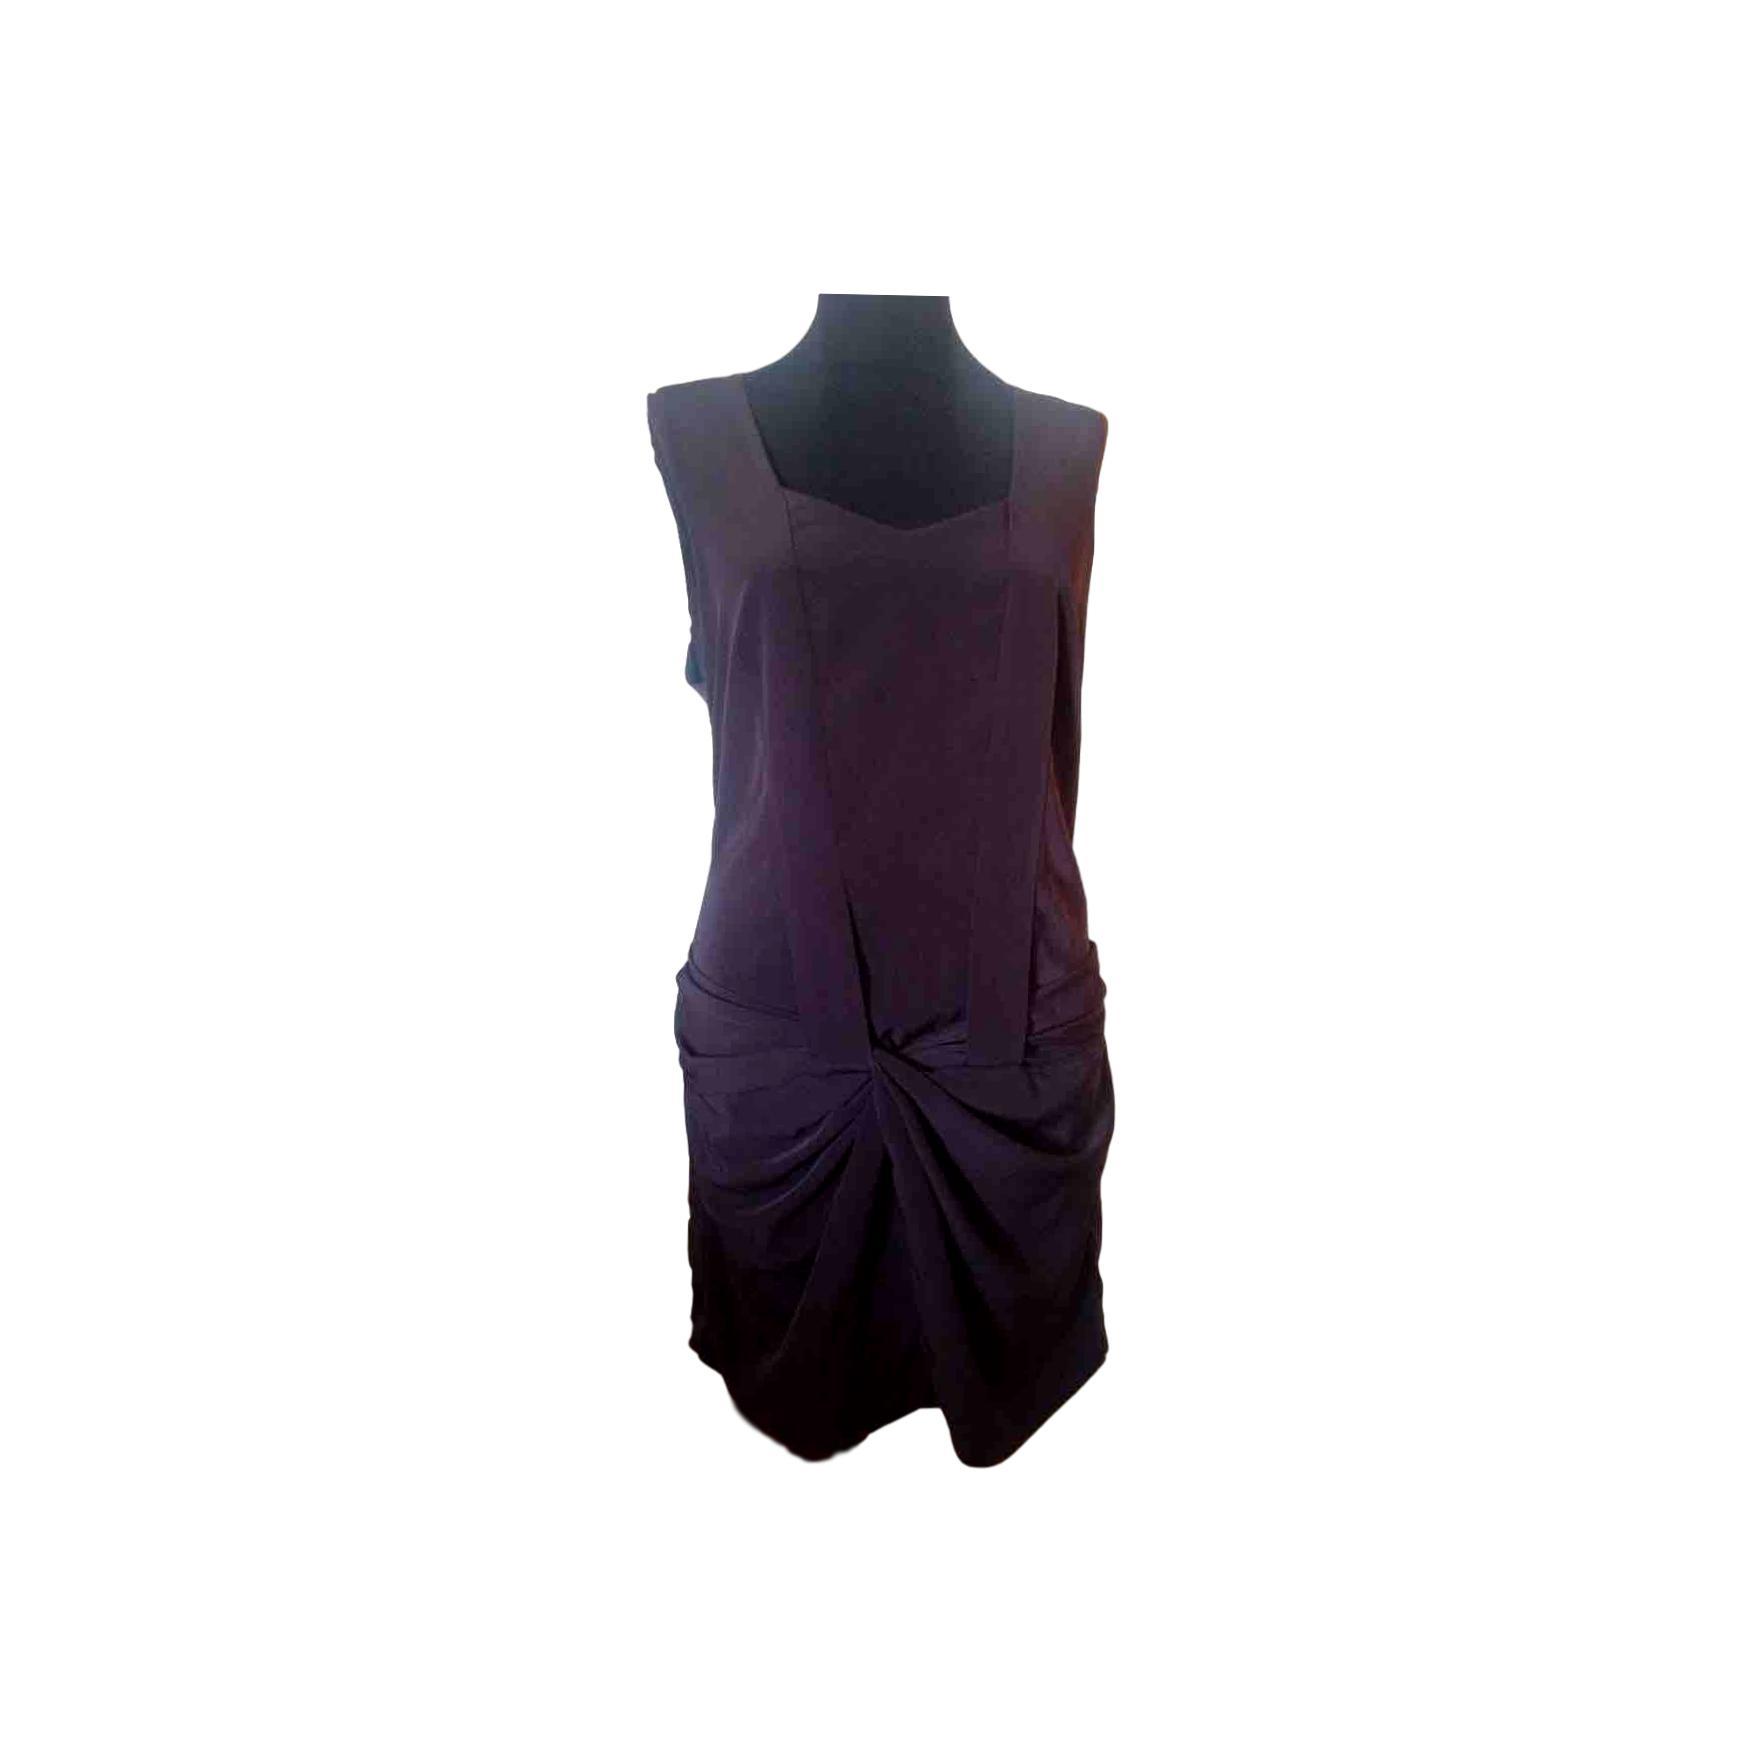 1a8f2ad5995 Купить платье AllSaints за 1700 руб. в интернет магазине - бутике с ...